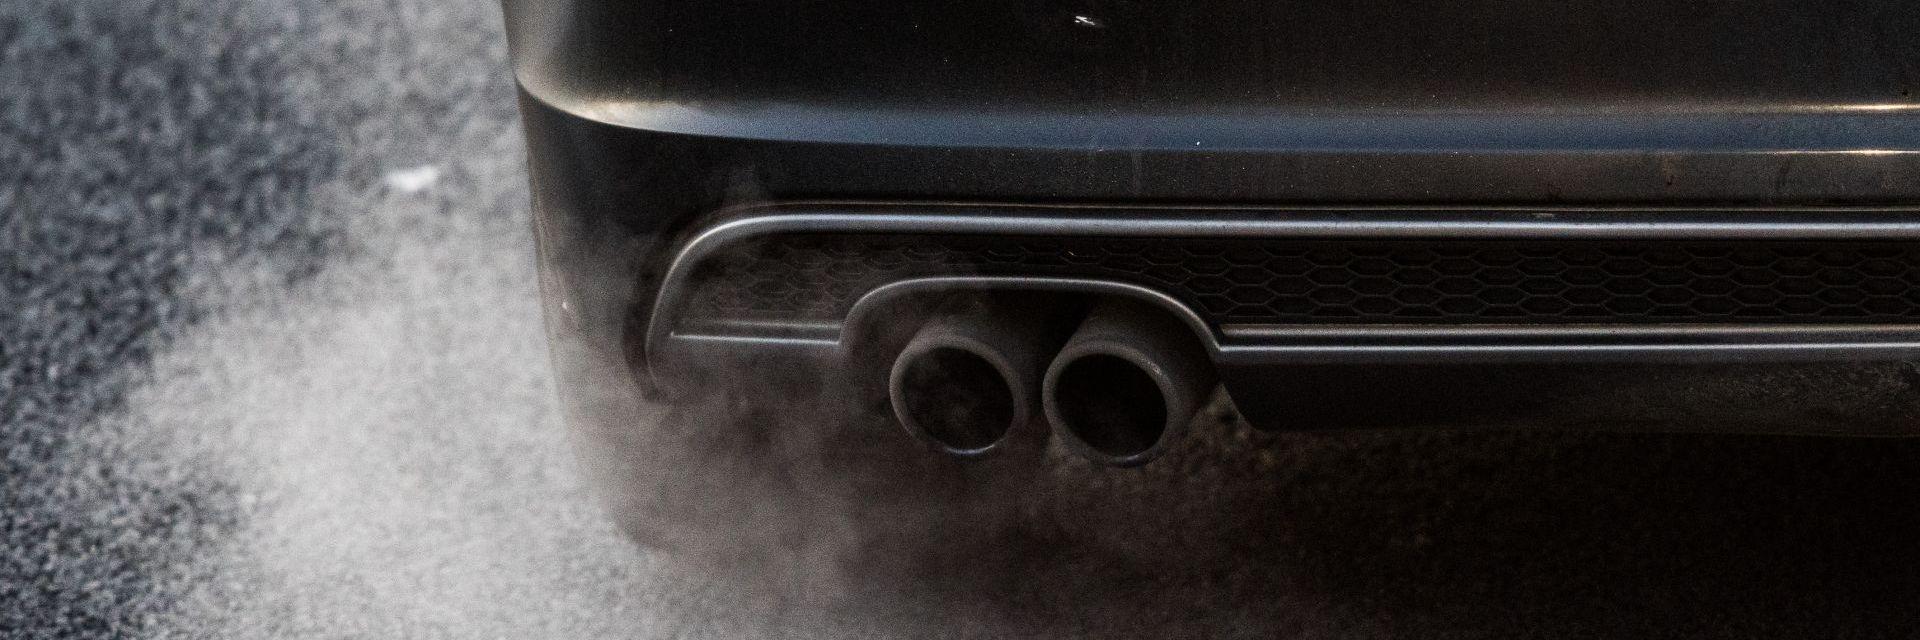 Балон, всичко е комерсиално: Експерт говори за дизел ограниченията (видео)